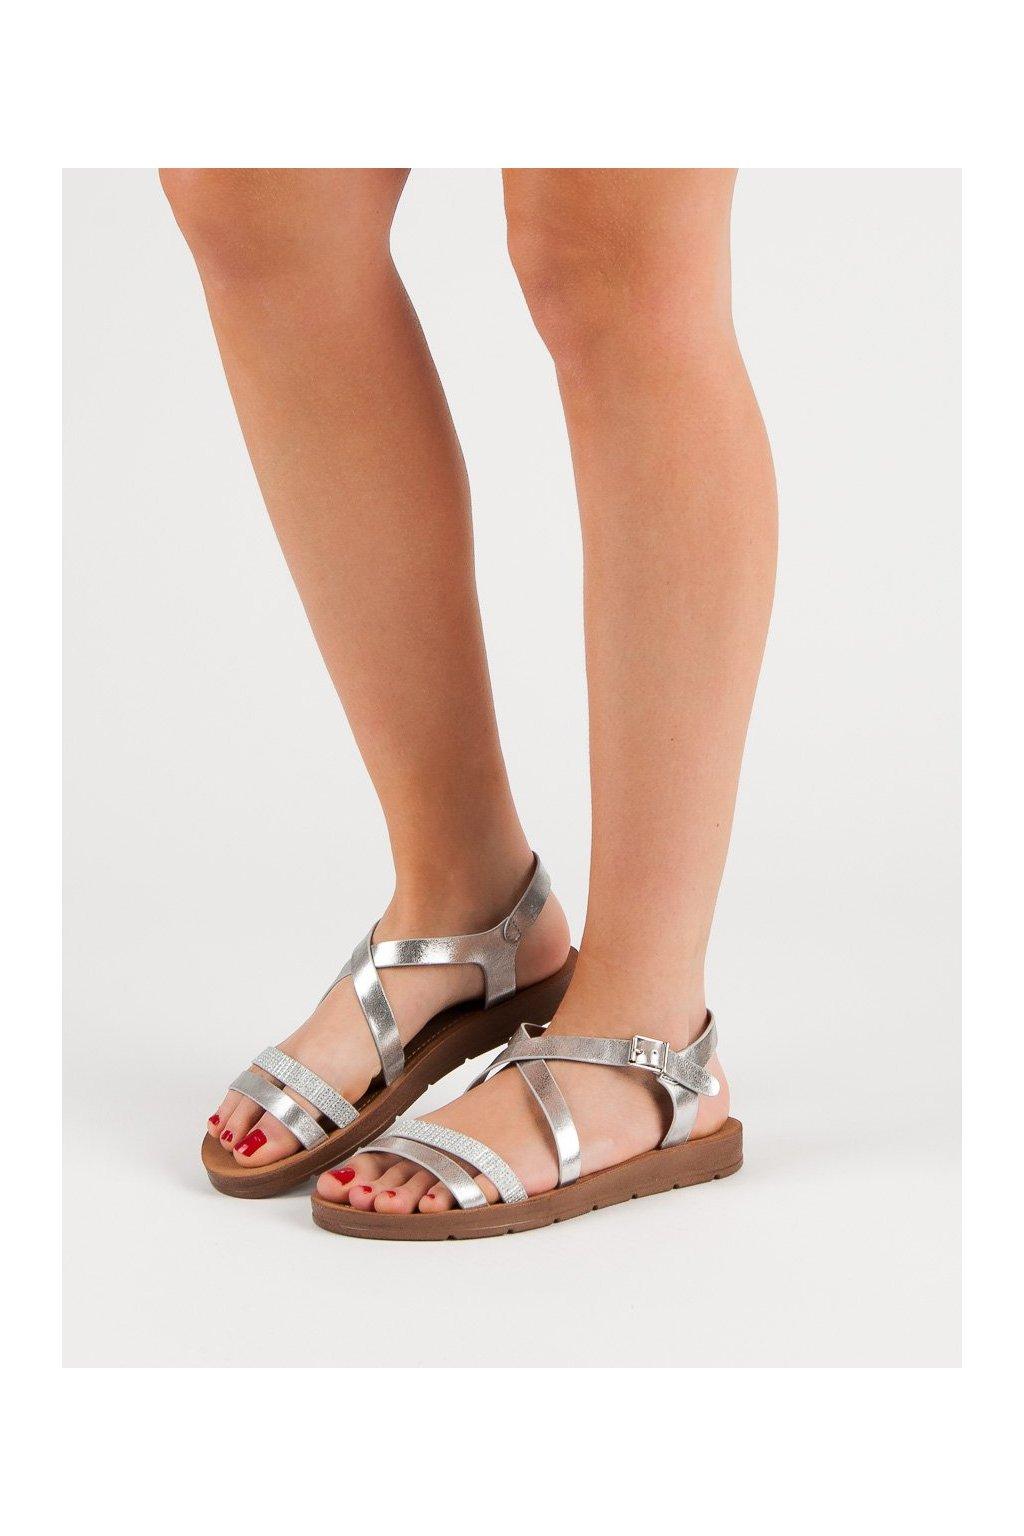 Sivé sandále s plochou podrážkou Filippo kod DS803/19S